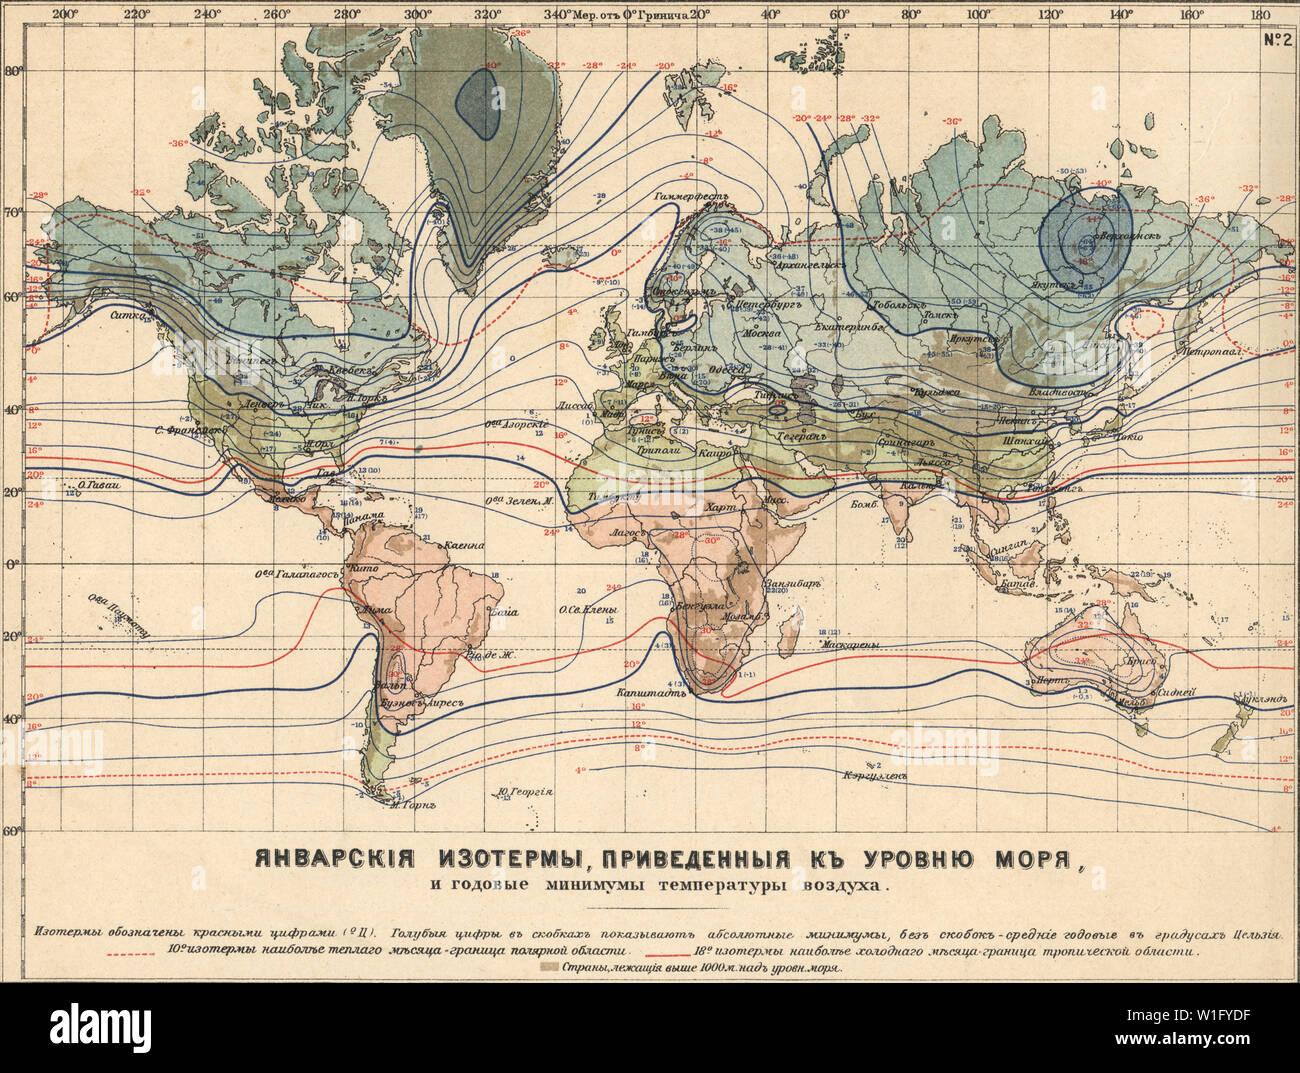 Messa a terra la climatologia Maps Mappa del gennaio isoterme dato al livello del mare nuova tabella atlas A.F. Marcks San Pietroburgo, 1910 Immagini Stock